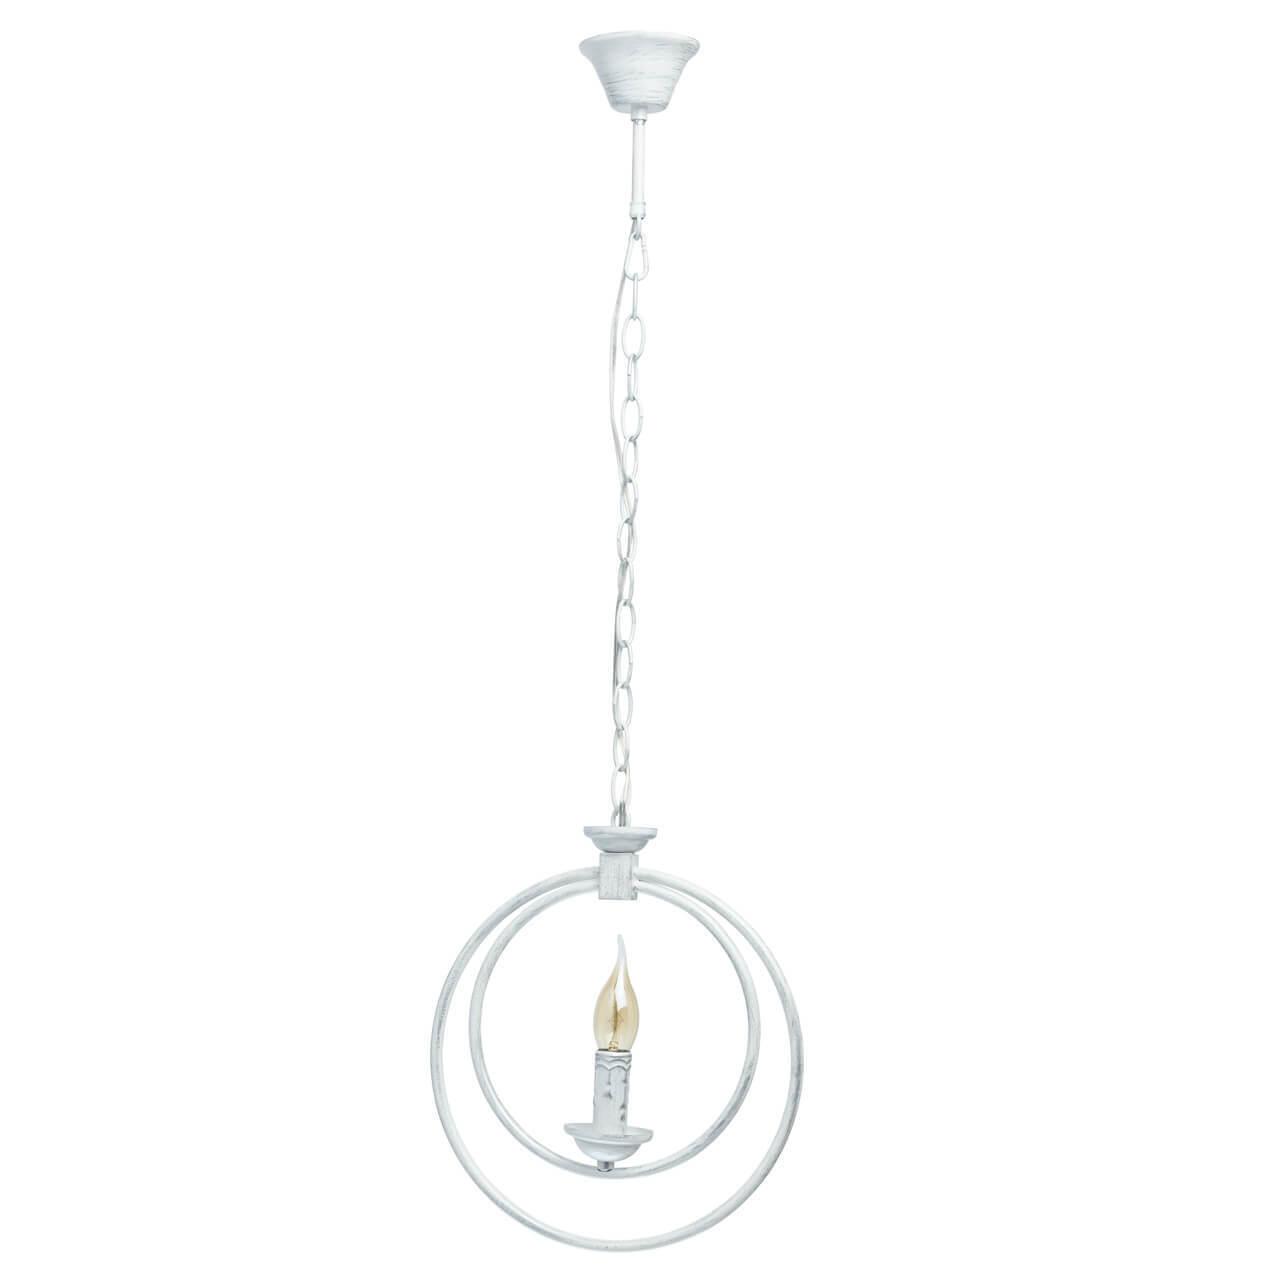 Подвесной светильник De Markt City Свеча 683012101 цены онлайн